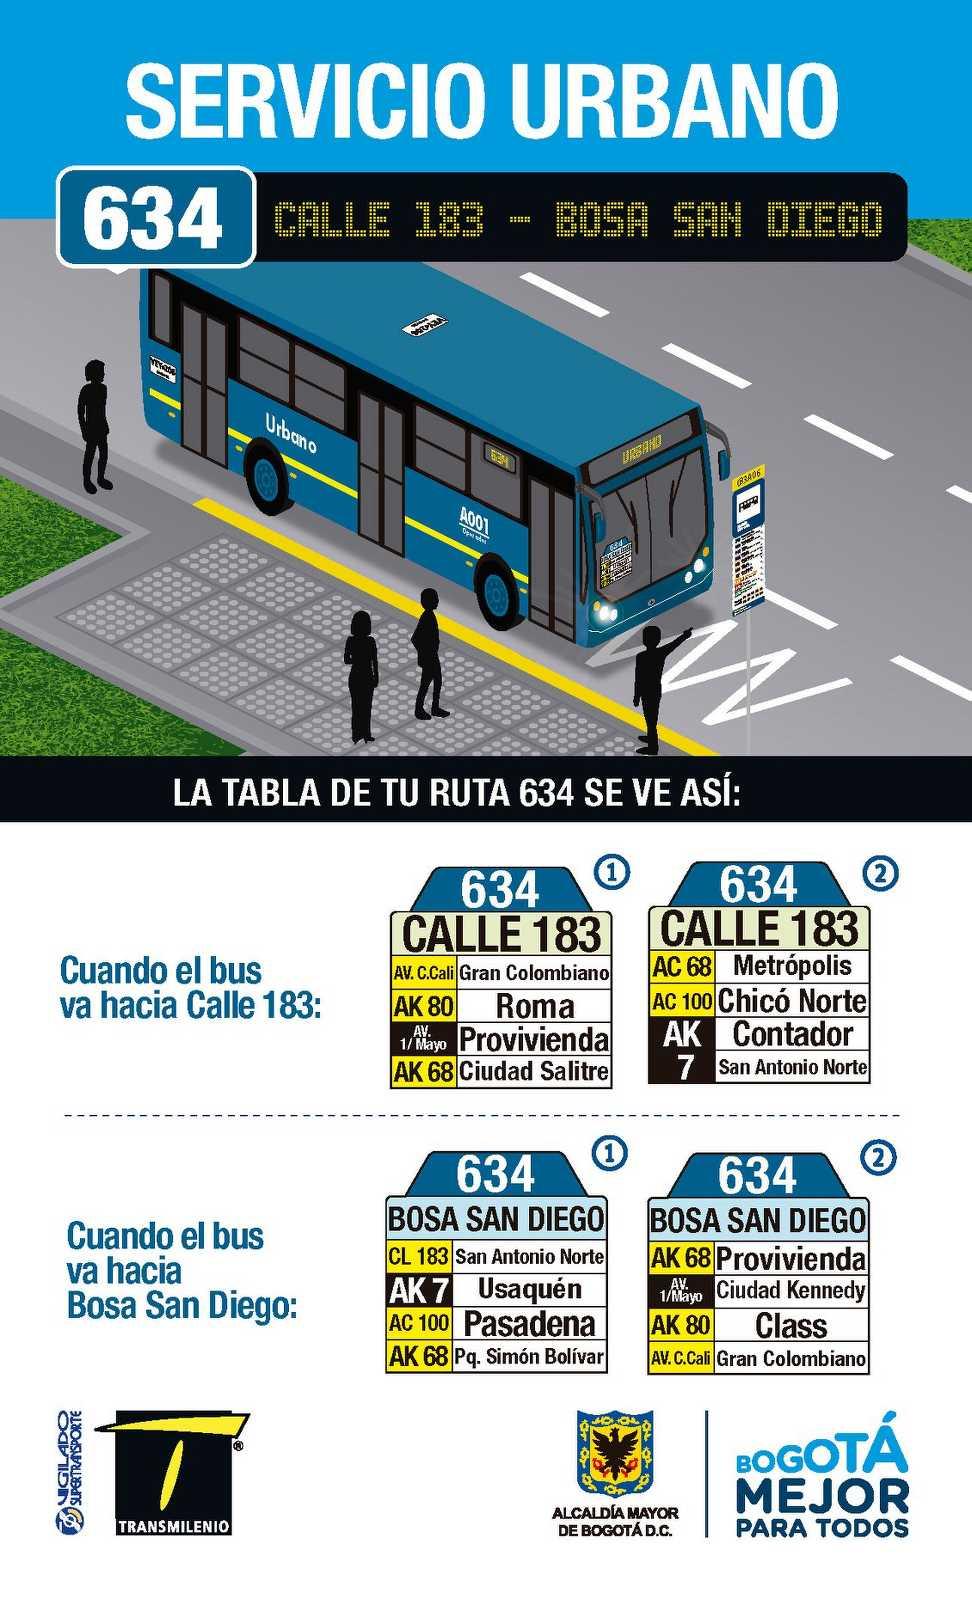 634 > Calle 183 - Bosa San Diego (volante cara A)